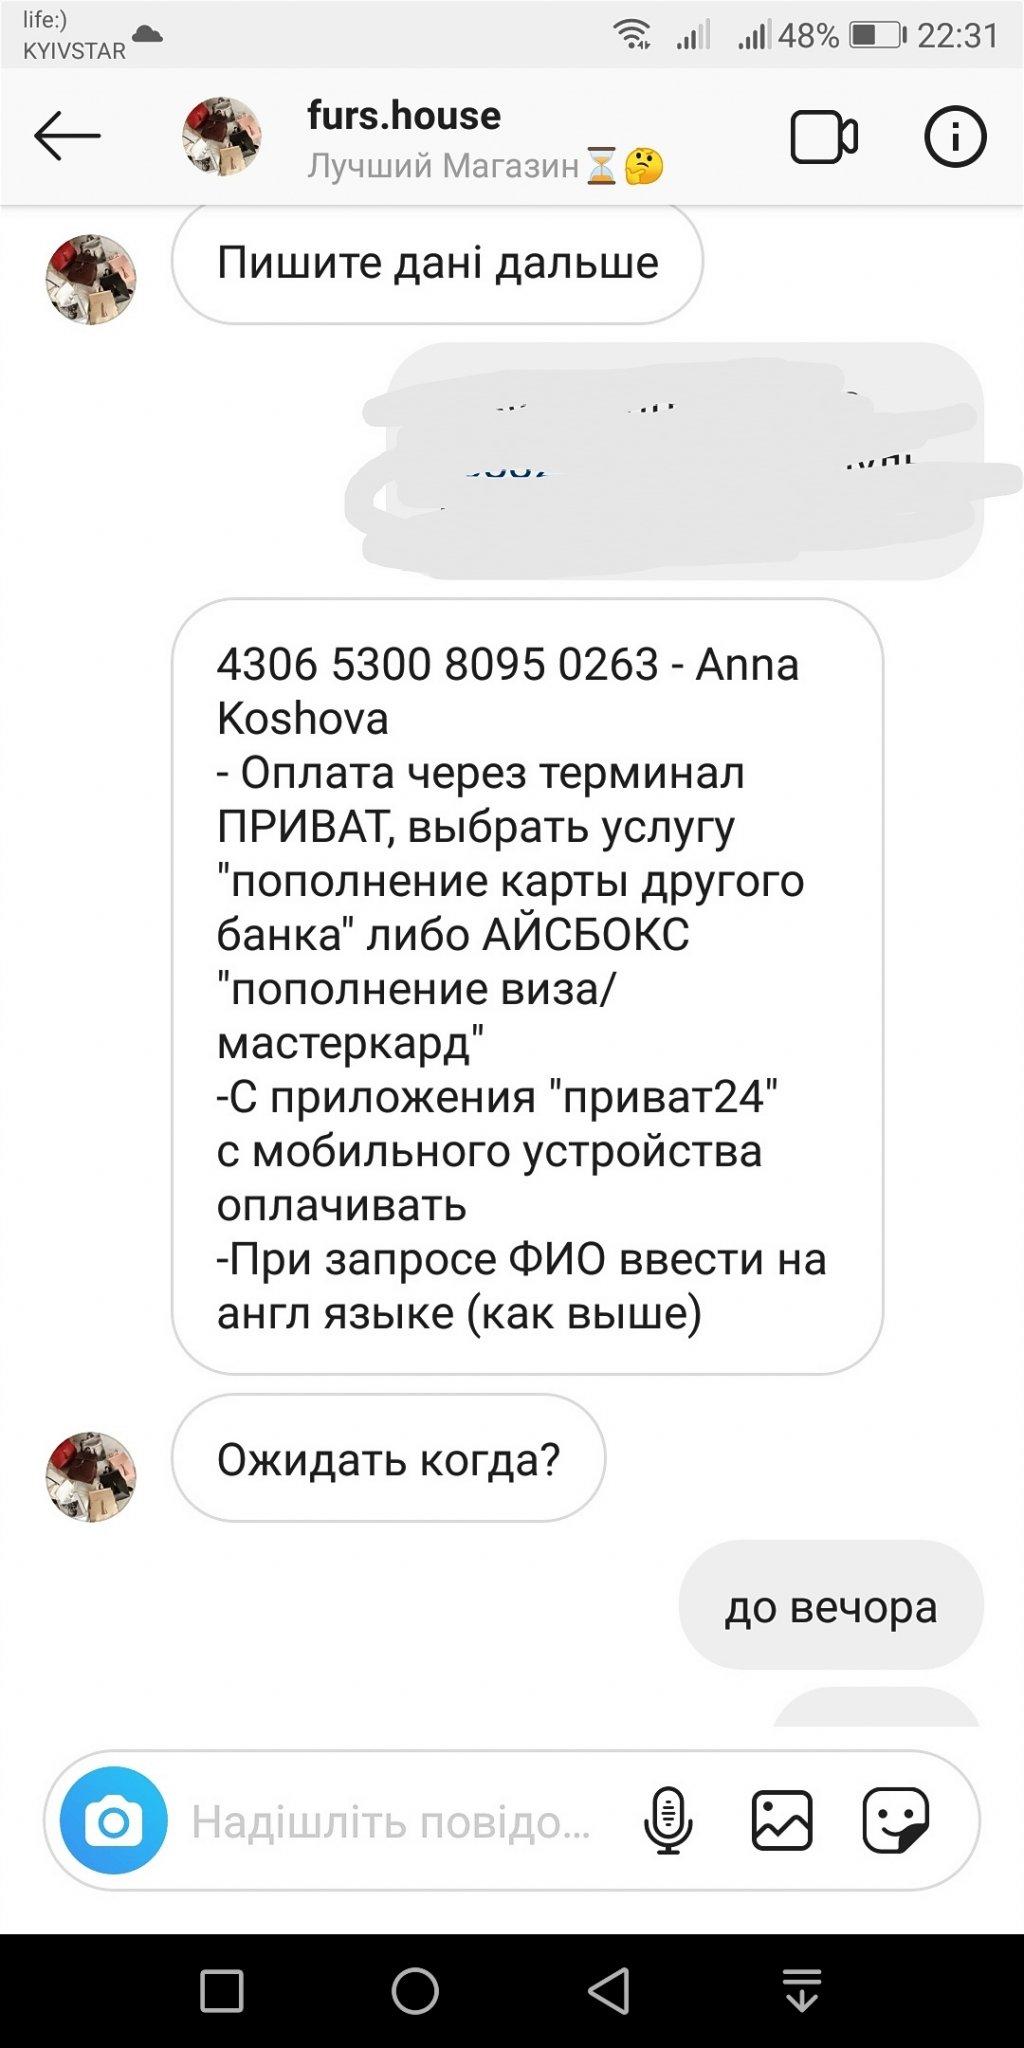 Аферисты в сетях на Новом канале - РОЗВОД НА 500 ГРН, АБО БІЛЬШЕ!кожній довірливій дівчині!!